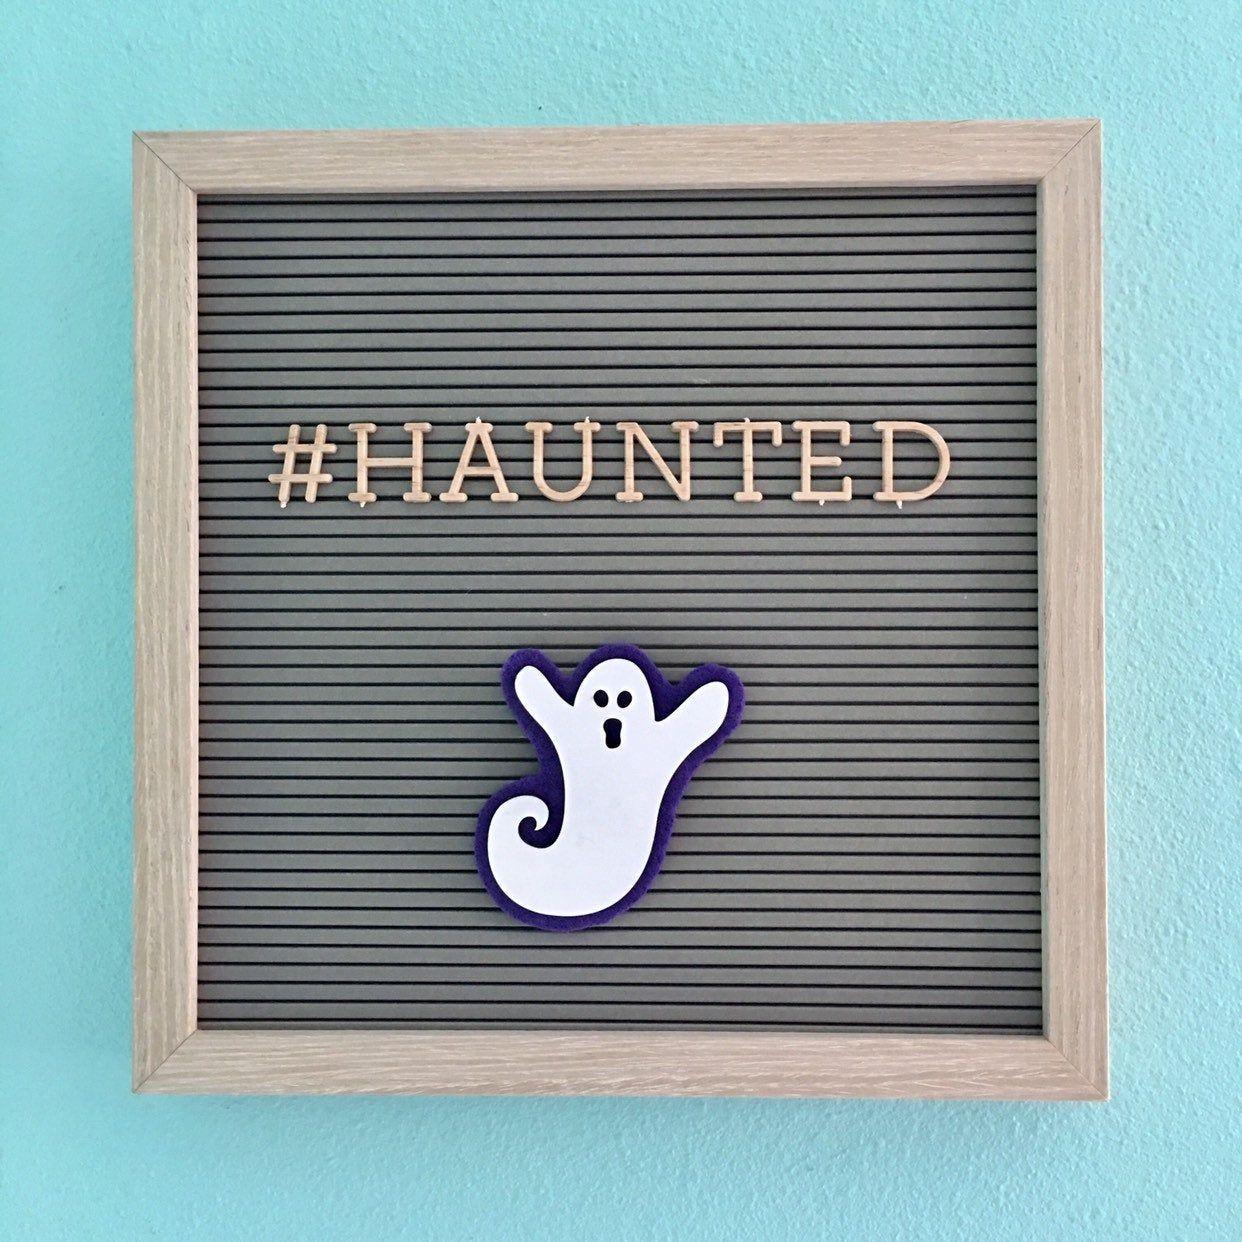 Ghost Letter Board Accessories, Halloween Letter Board